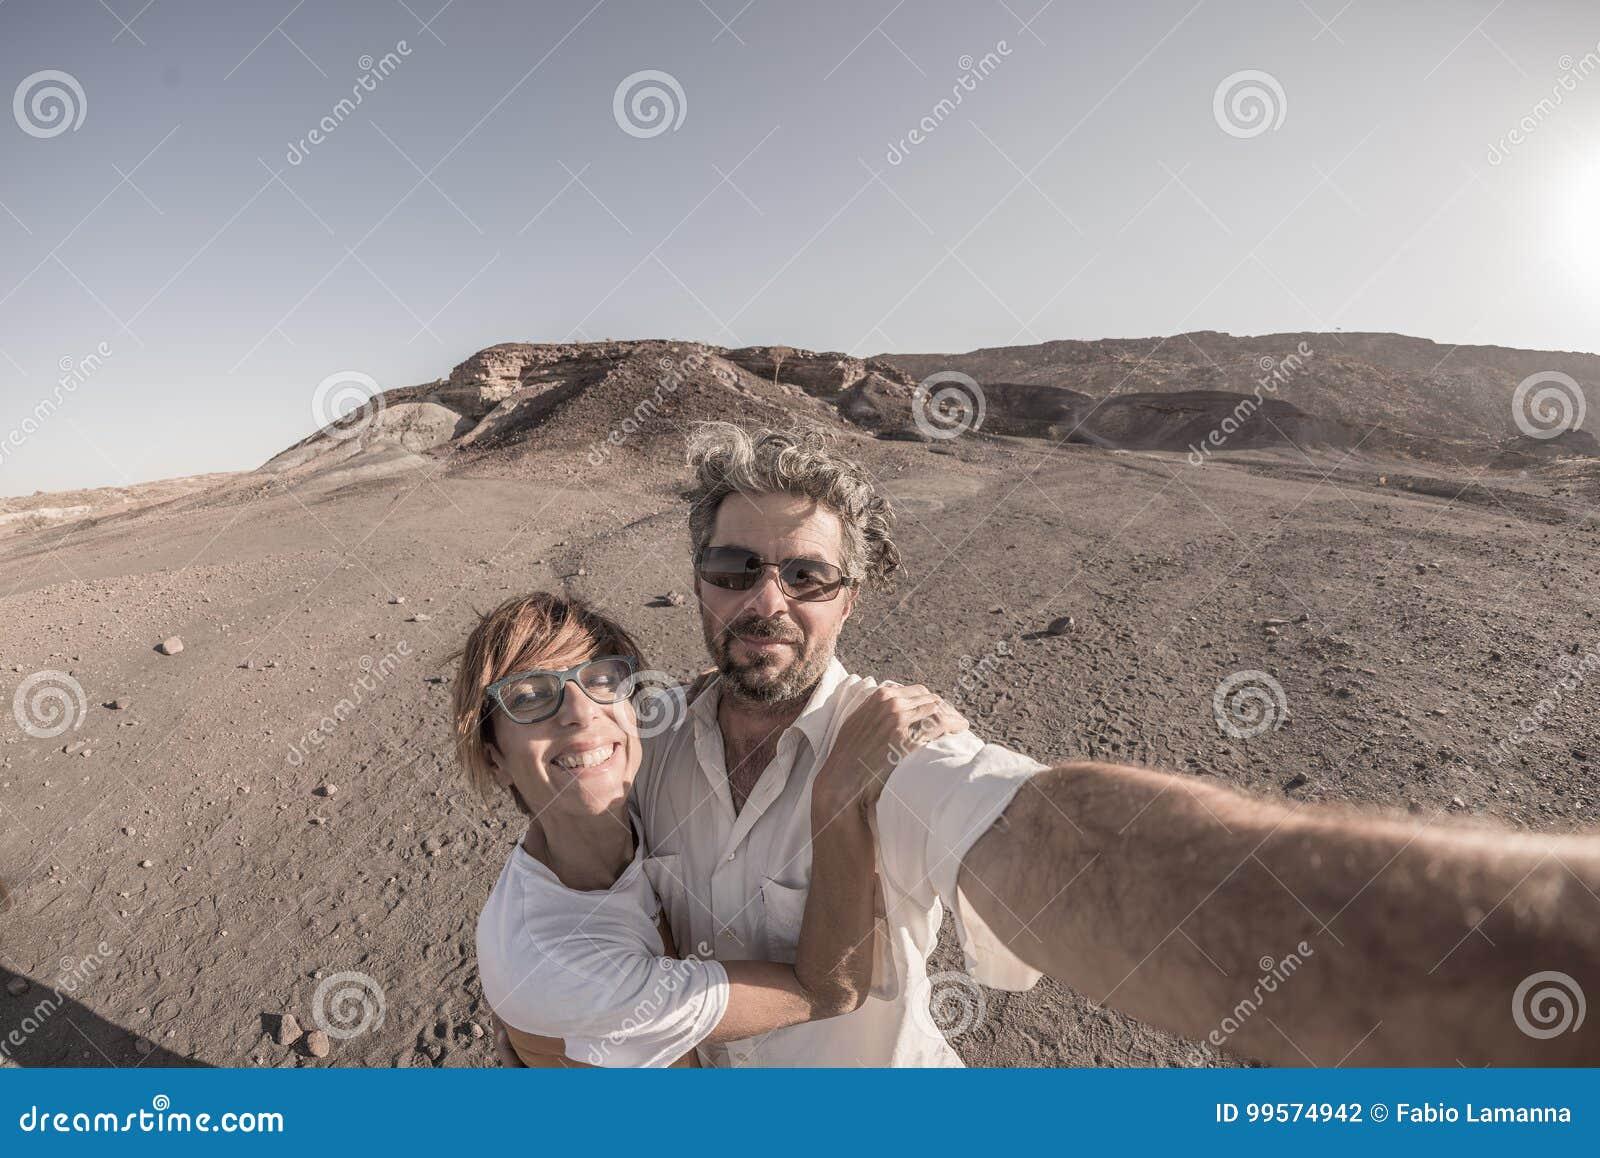 Χαμογελώντας ενήλικο ζεύγος που παίρνει selfie στο εθνικό πάρκο Namib Naukluft, προορισμός ταξιδιού στη Ναμίμπια, Αφρική Fisheye,